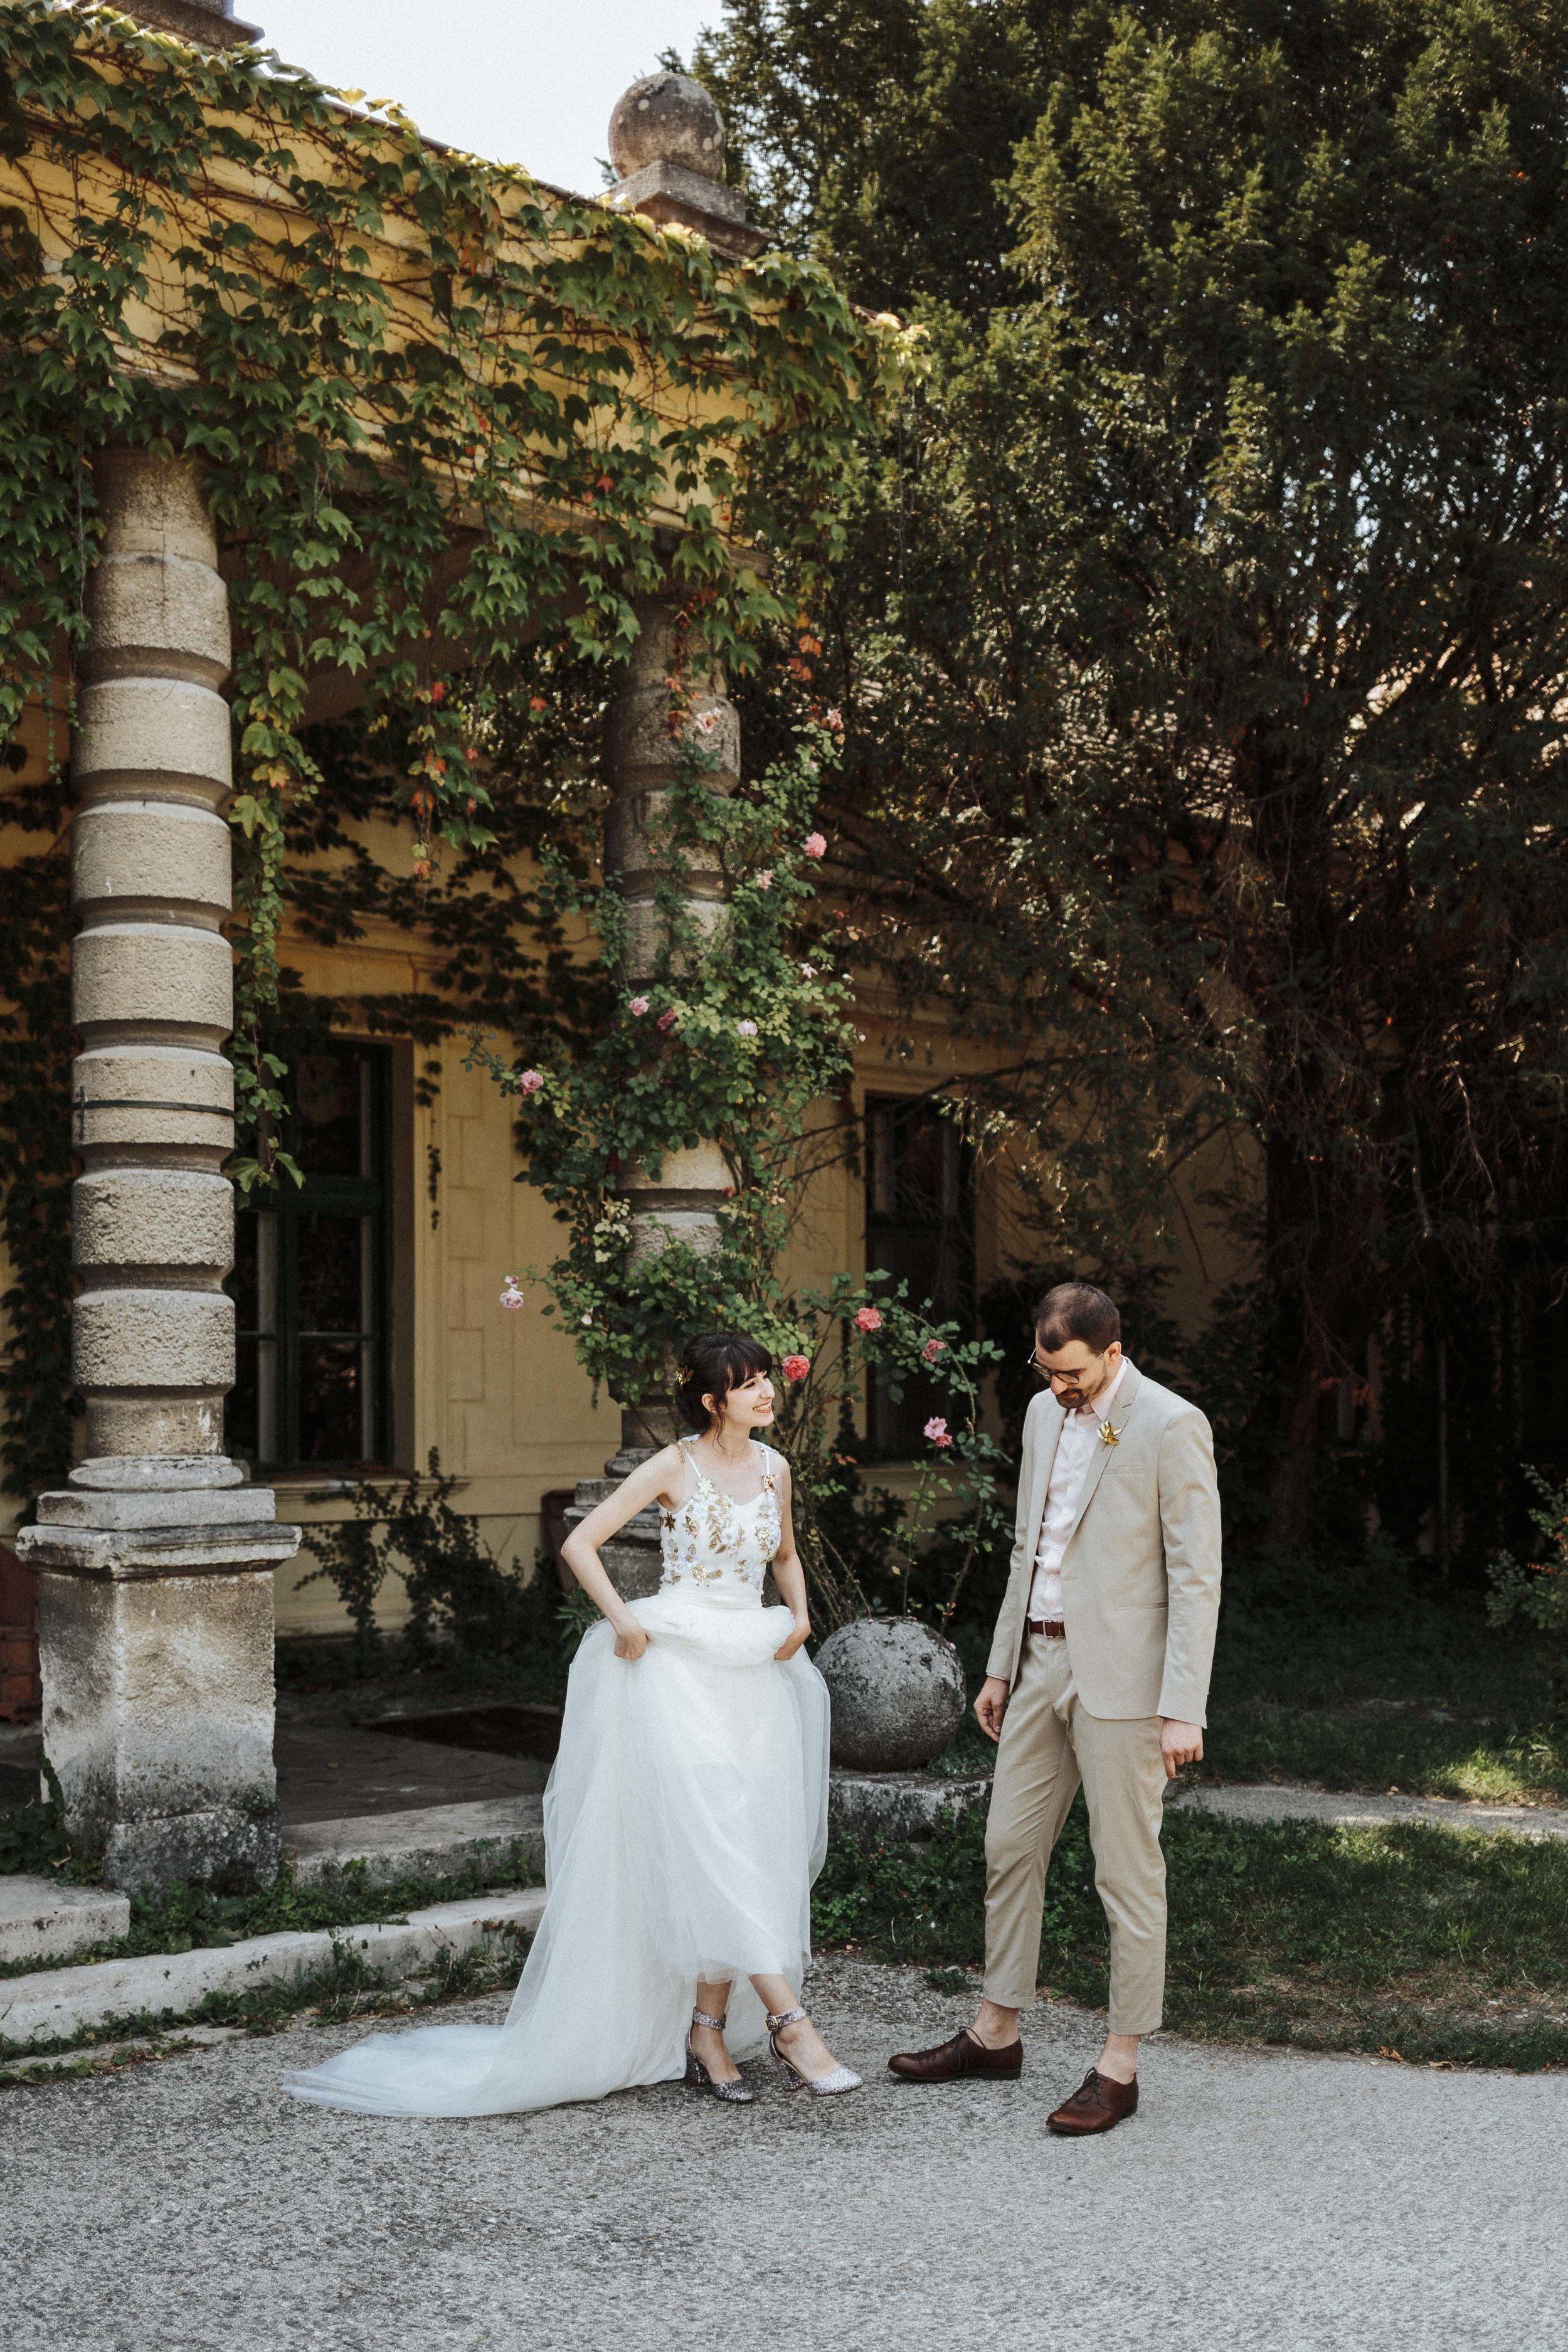 20170826_Rebi+Dani_wedding_w_114__MG_2943.jpg